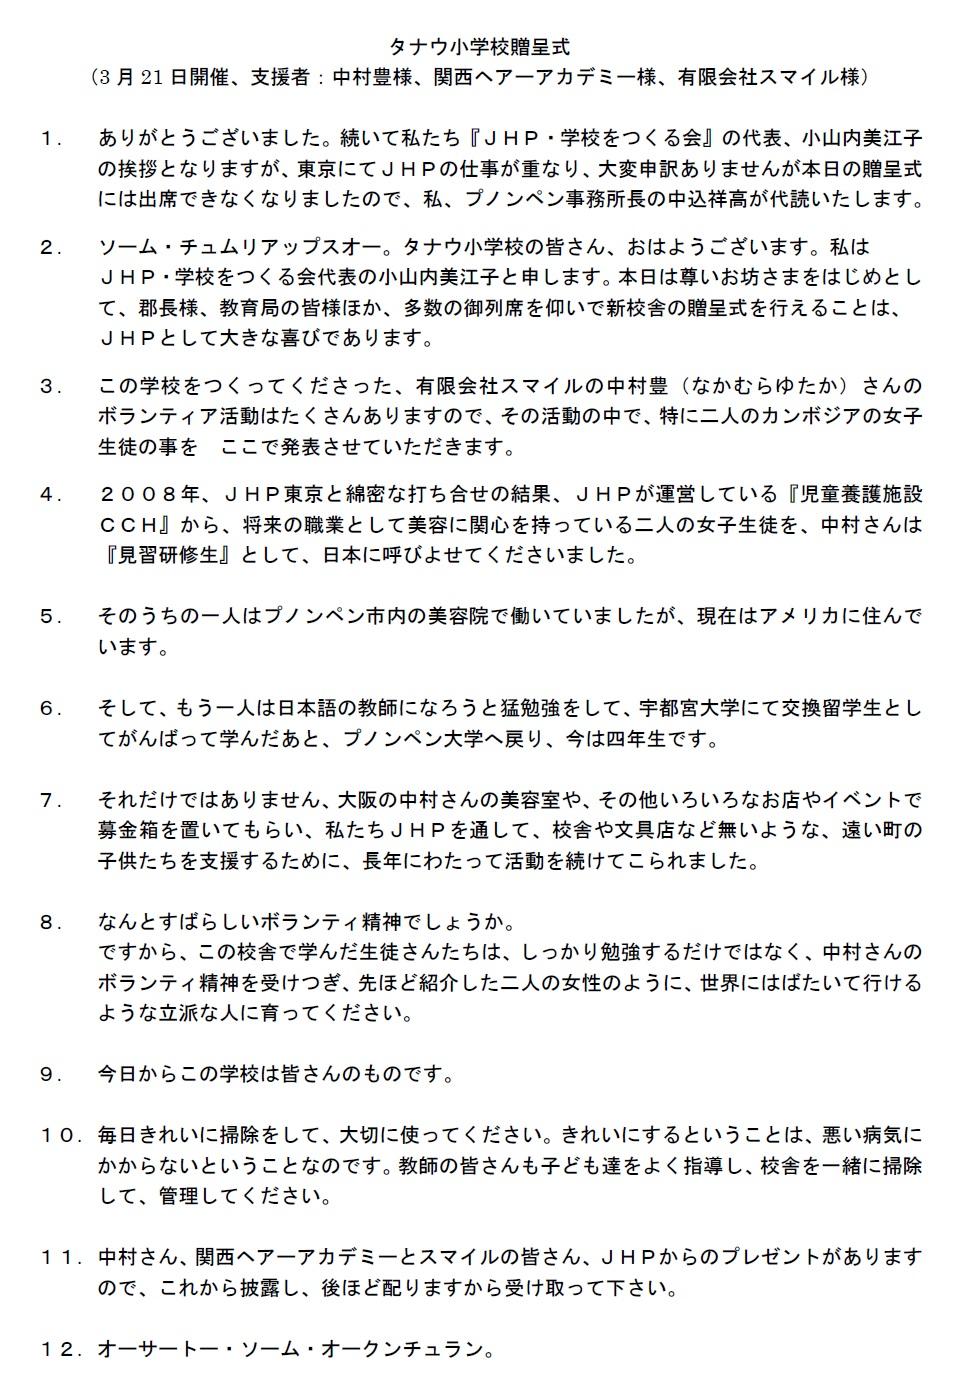 タナウ小学校贈呈式 小山内美江子挨拶原稿